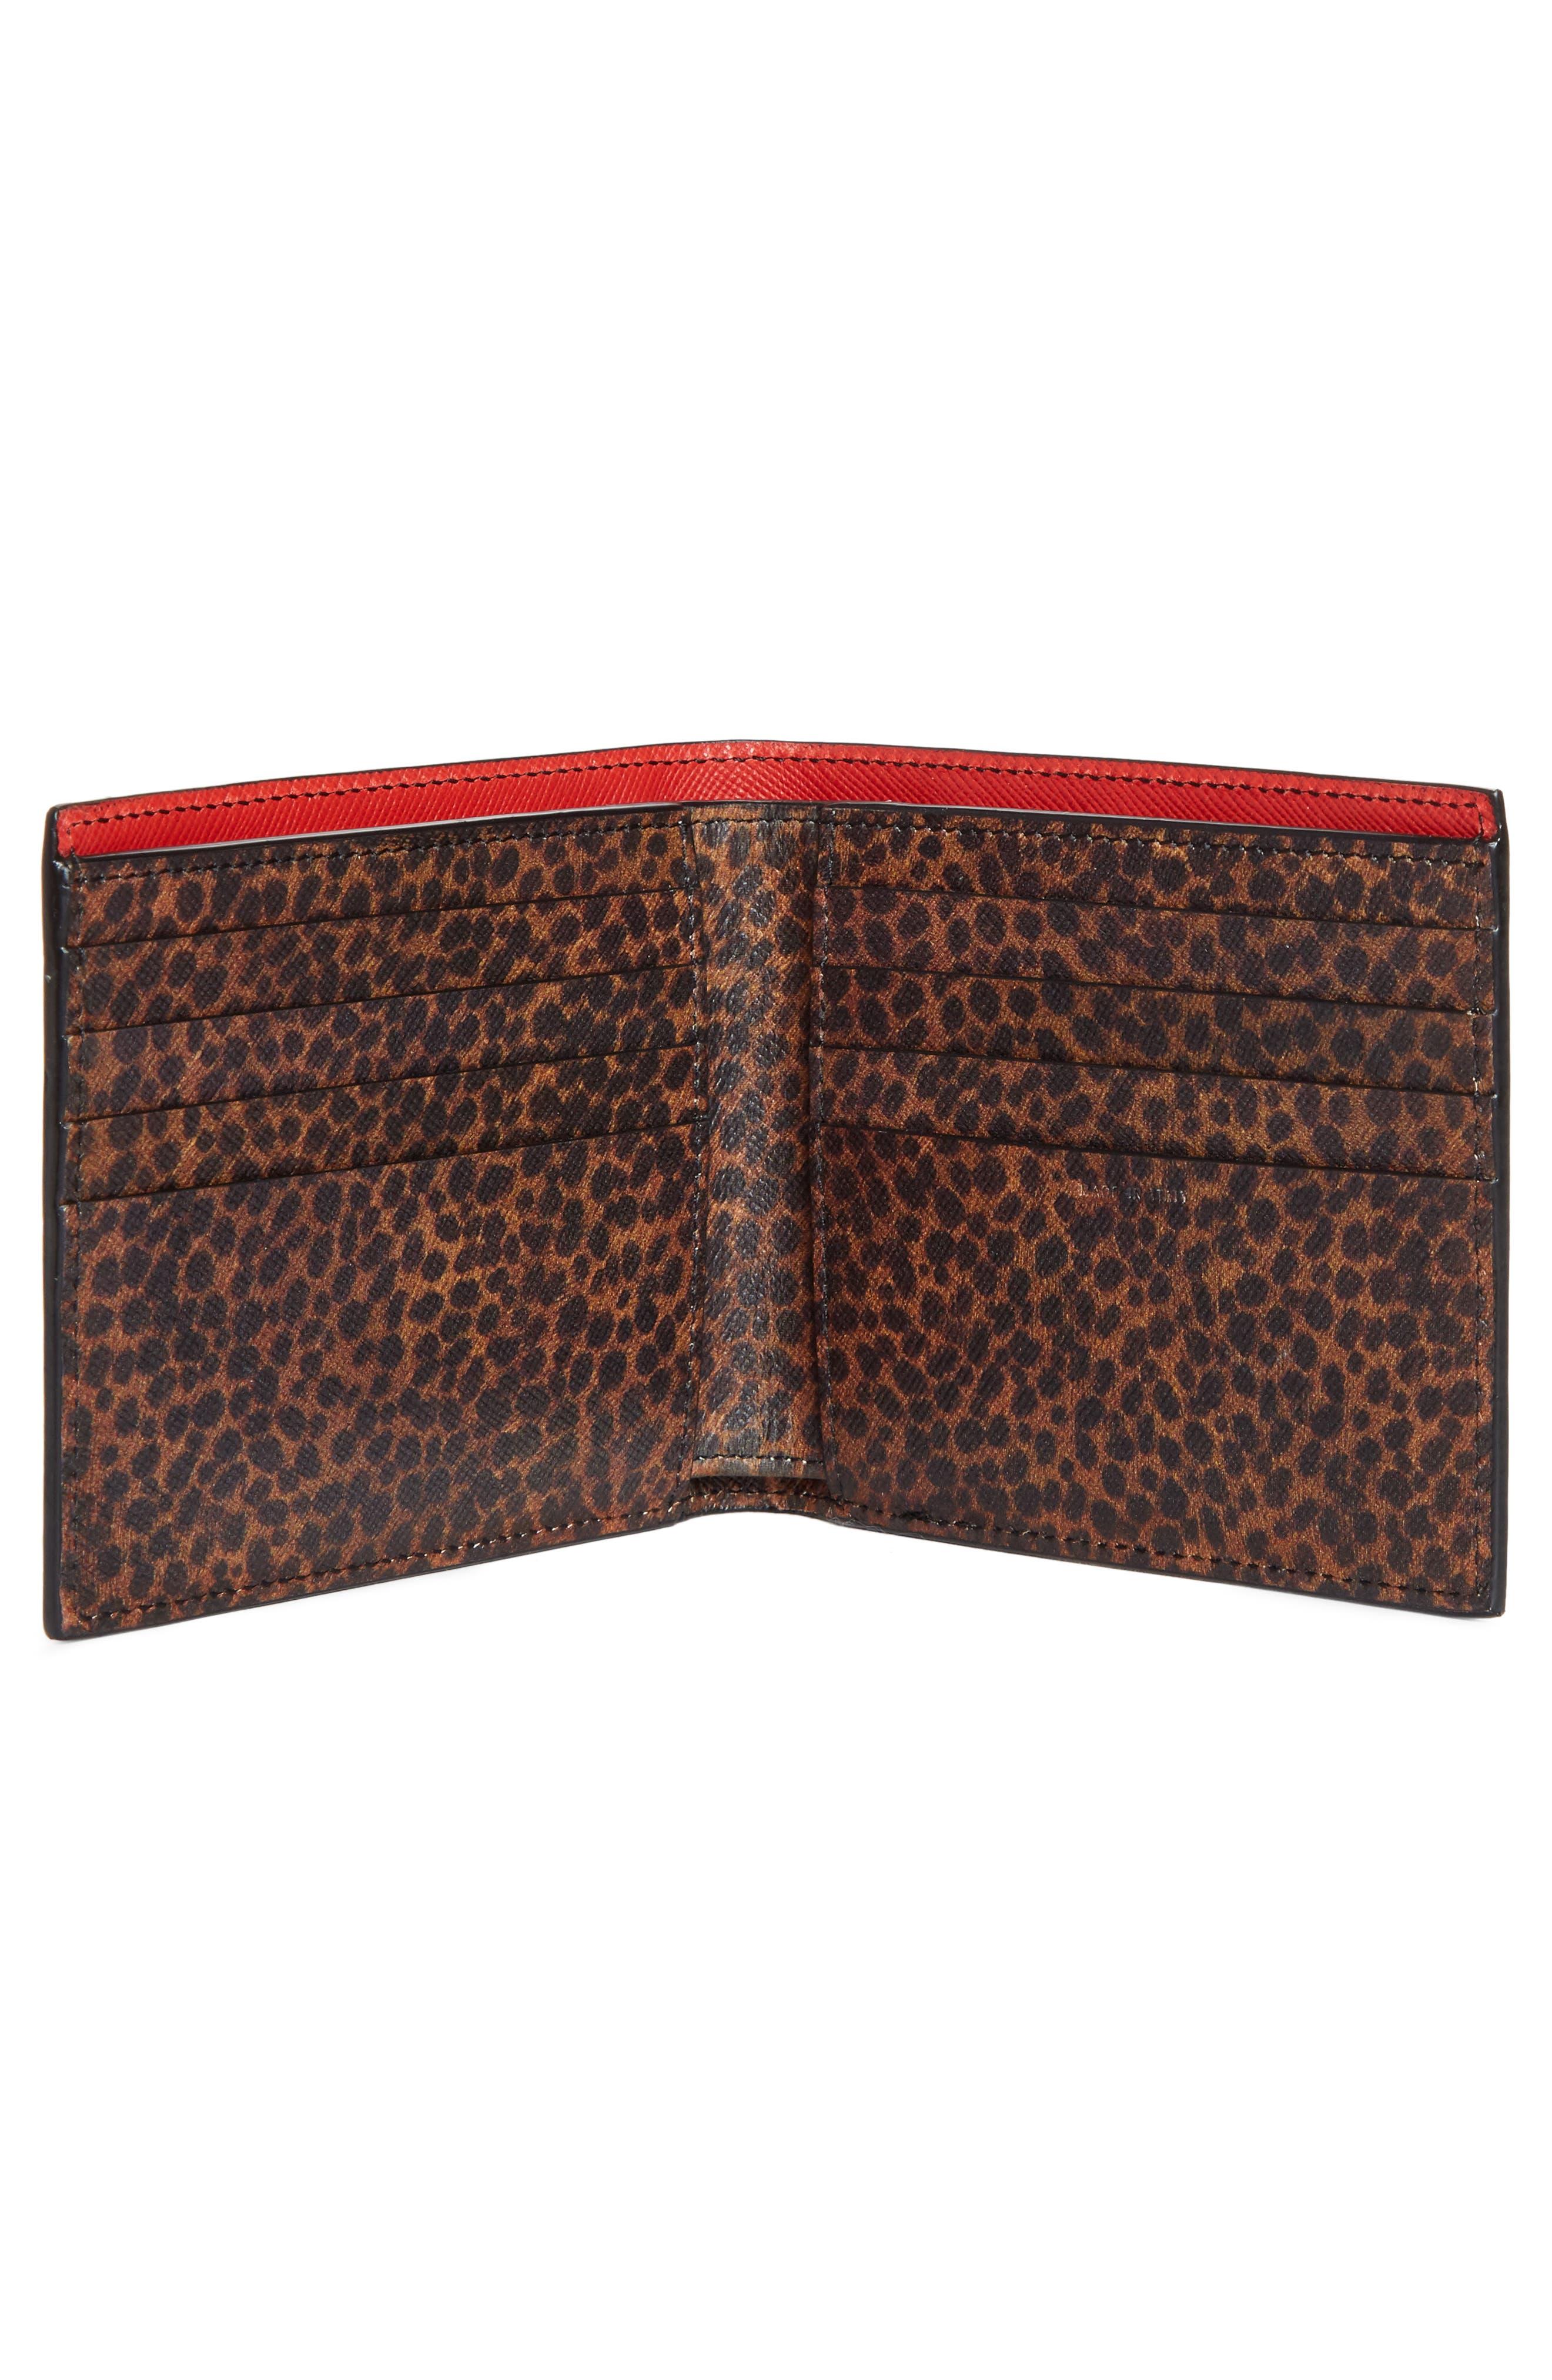 Alternate Image 2  - Paul Smith Leopard Print Billfold Wallet